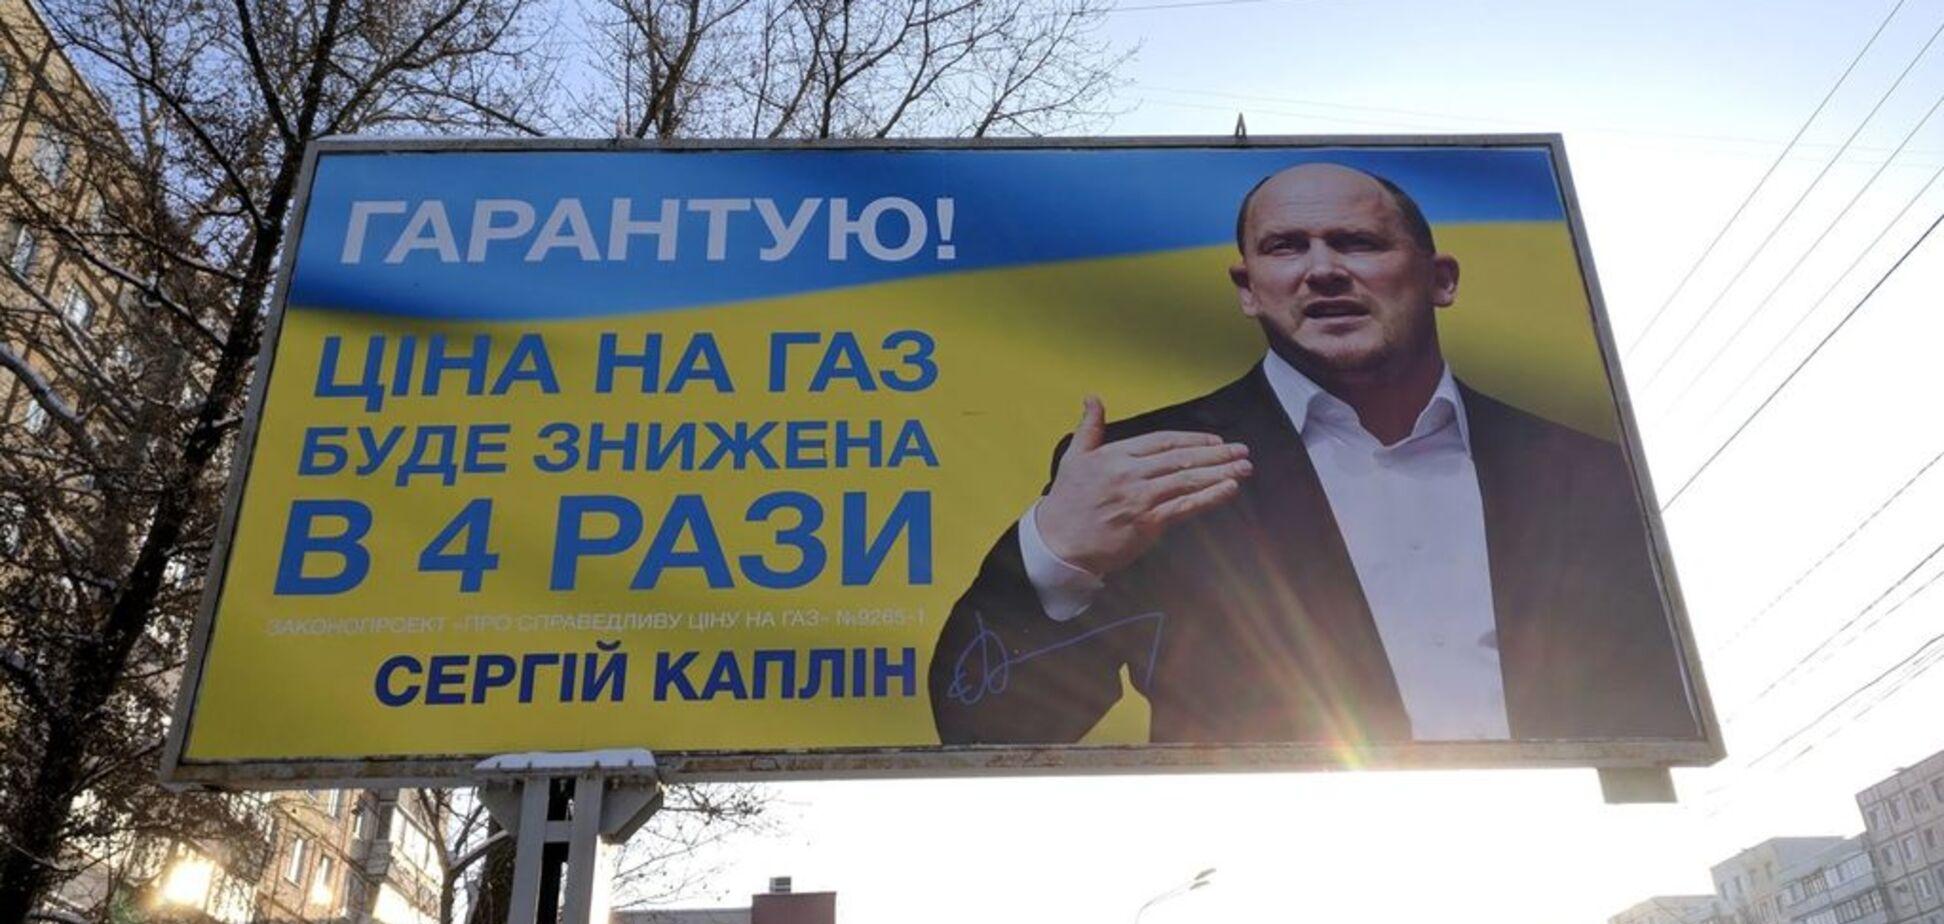 По стопах Гітлера? Кандидат в президенти України зганьбився з програмою: відео